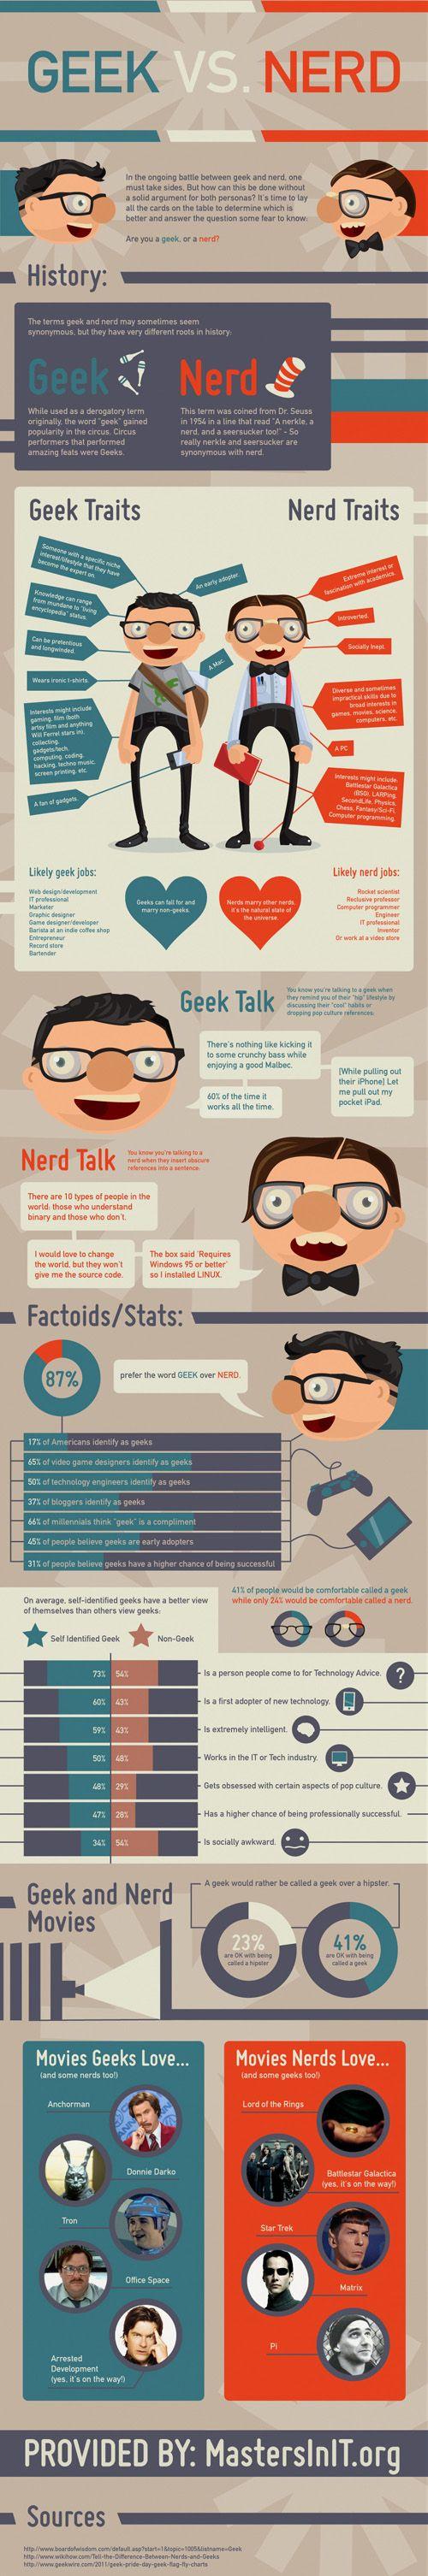 Geek Vs Nerd - Infographic